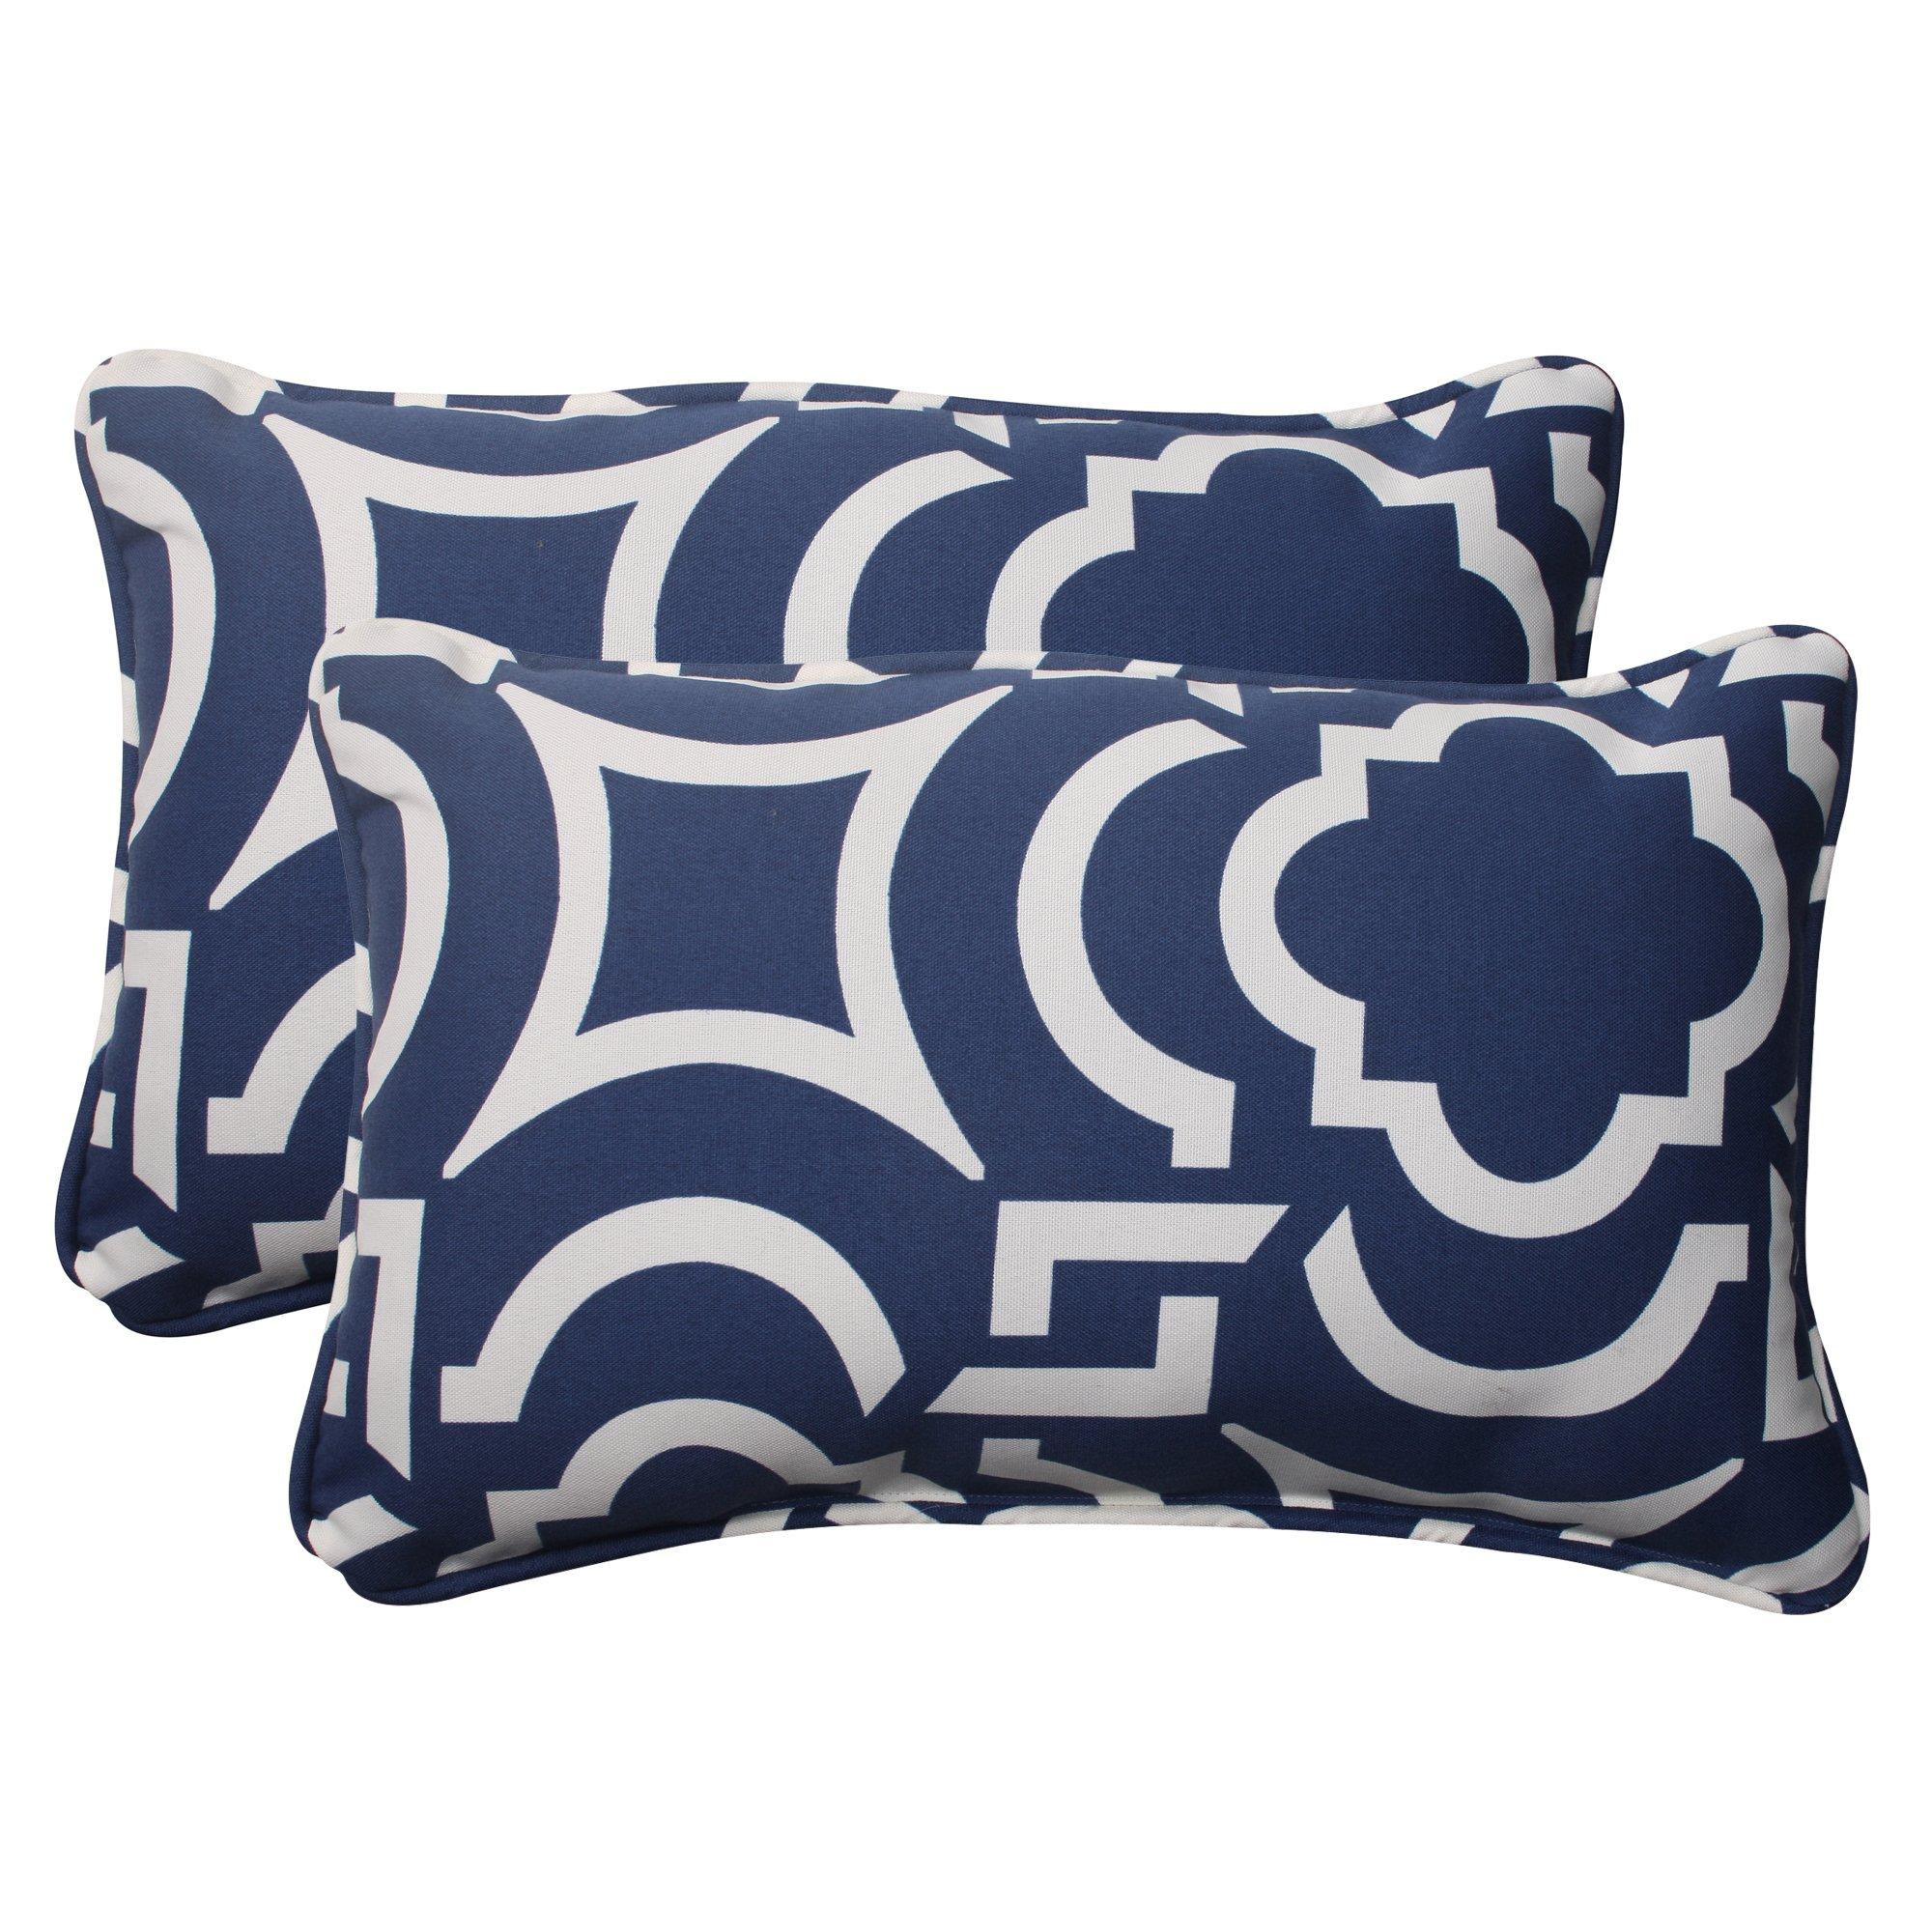 Pillow Perfect Indoor/Outdoor Carmody Corded Rectangular Throw Pillow, Navy, Set of 2